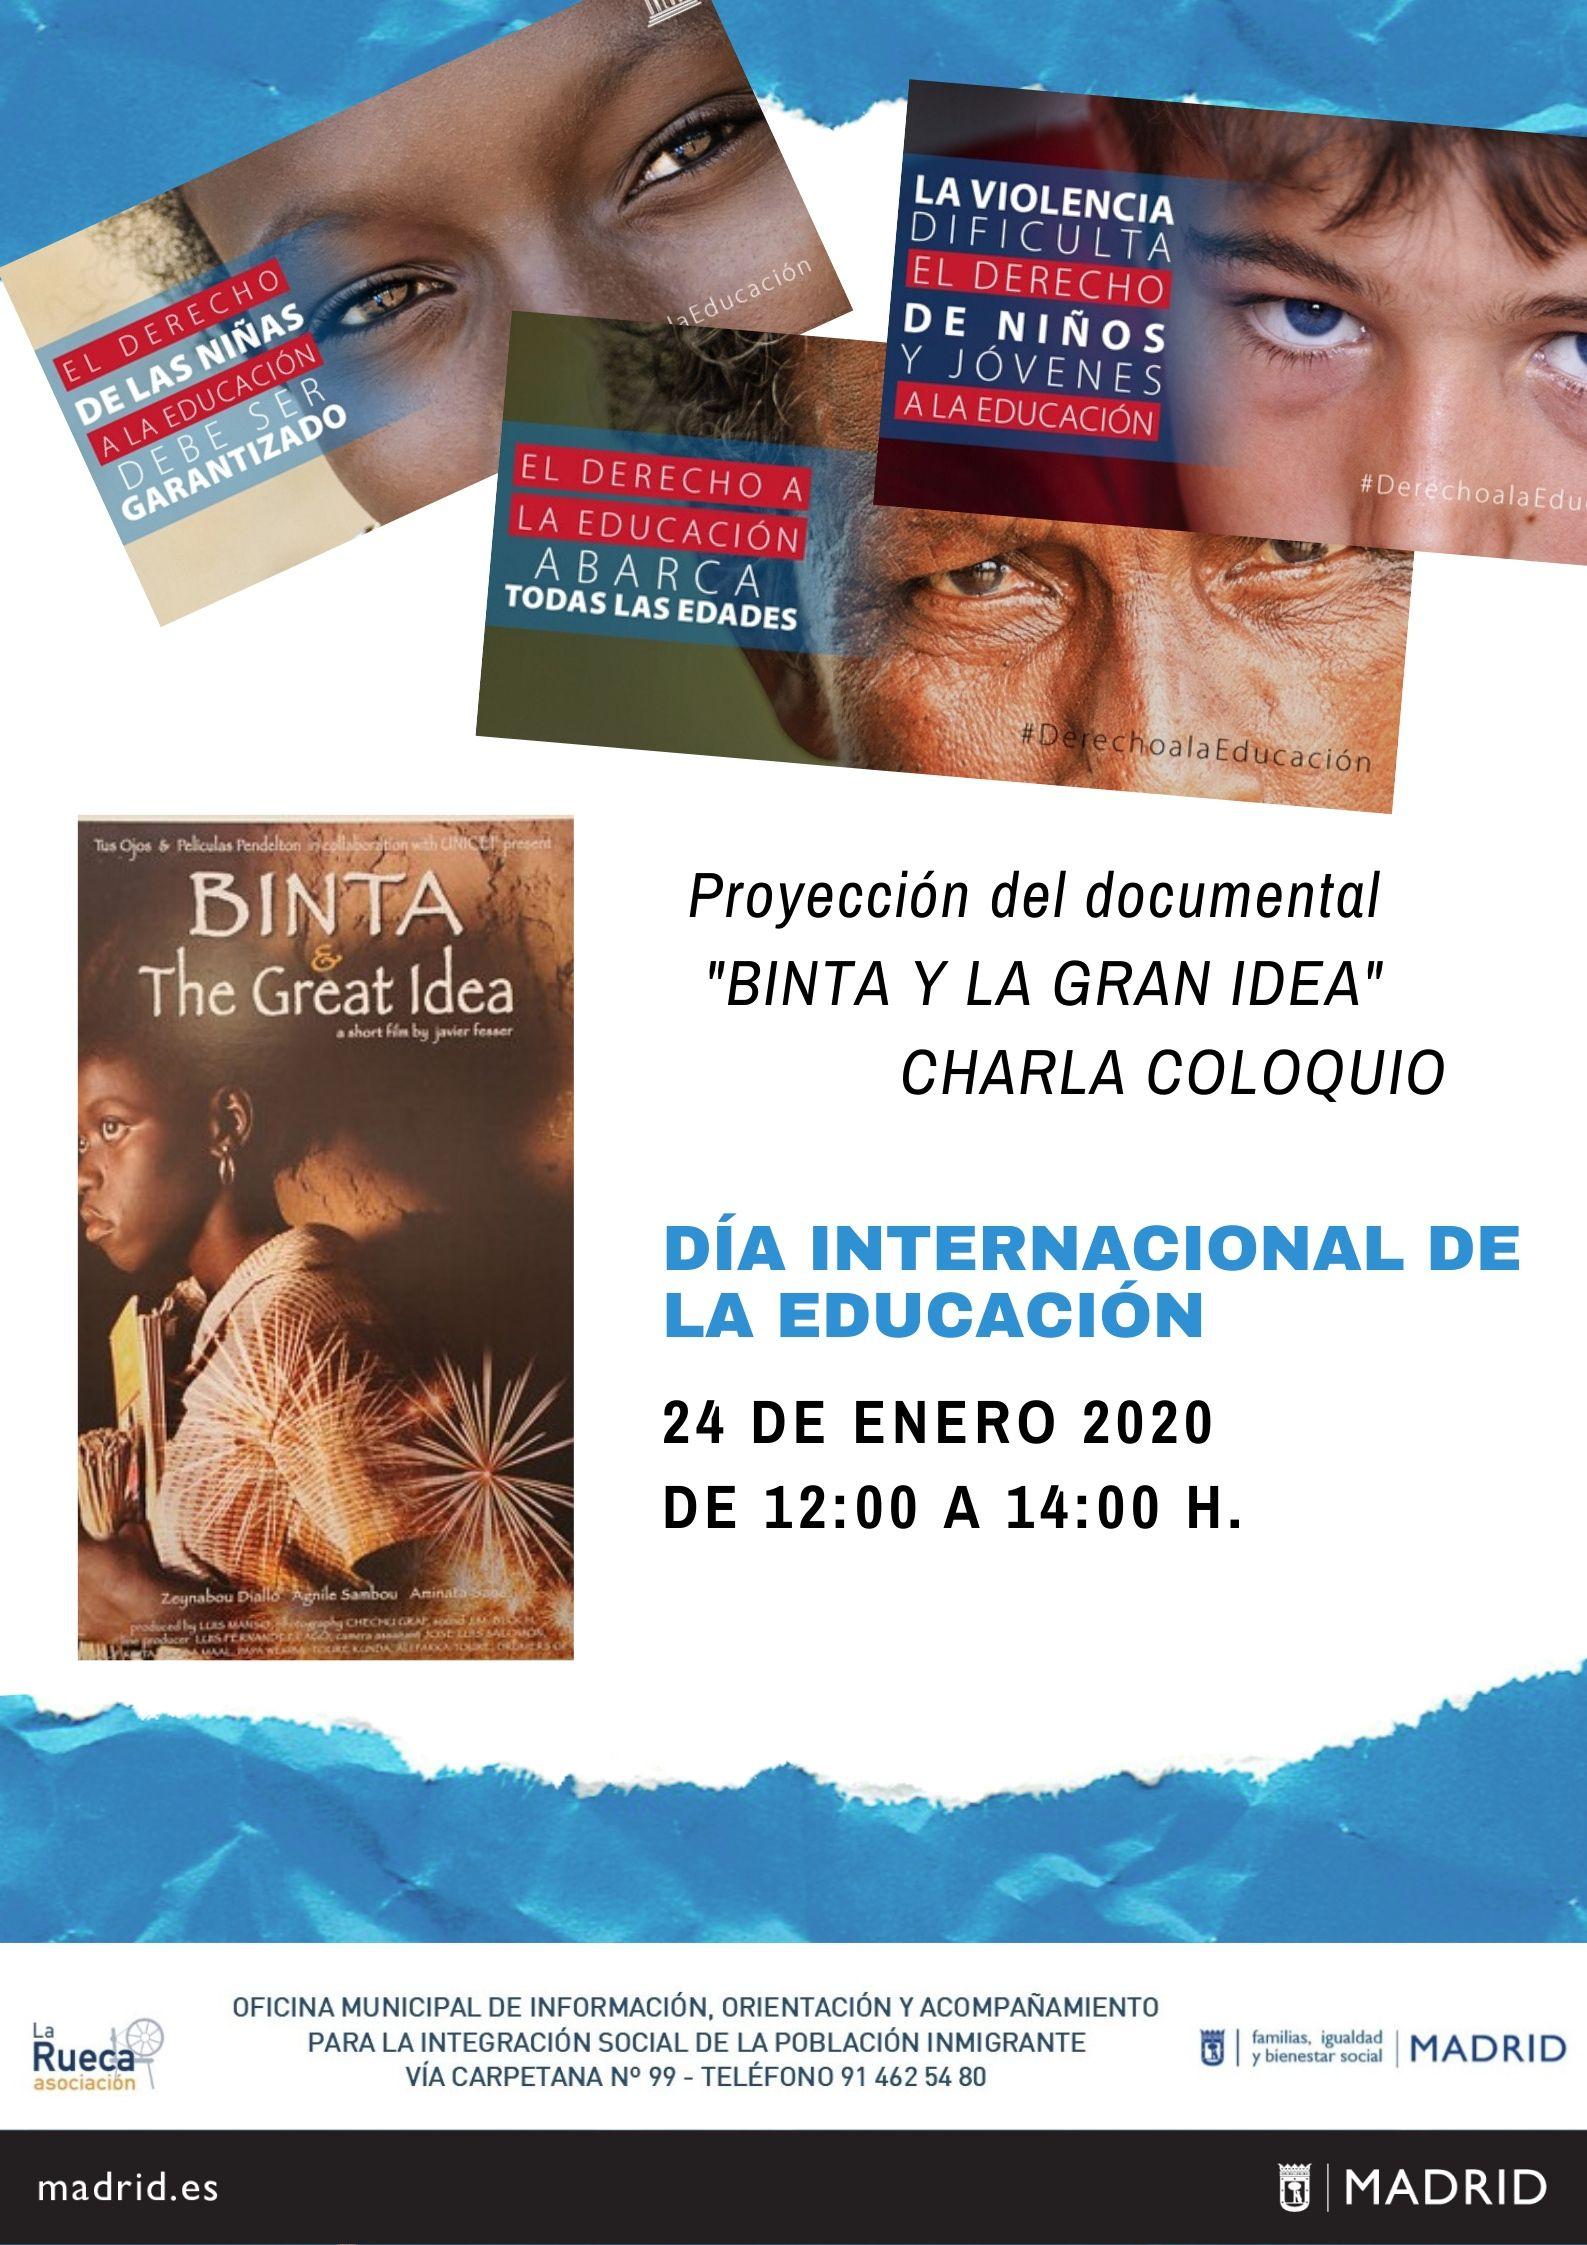 24 DE ENERO, DIA INTERNACIONAL DE LA EDUCACIÓN